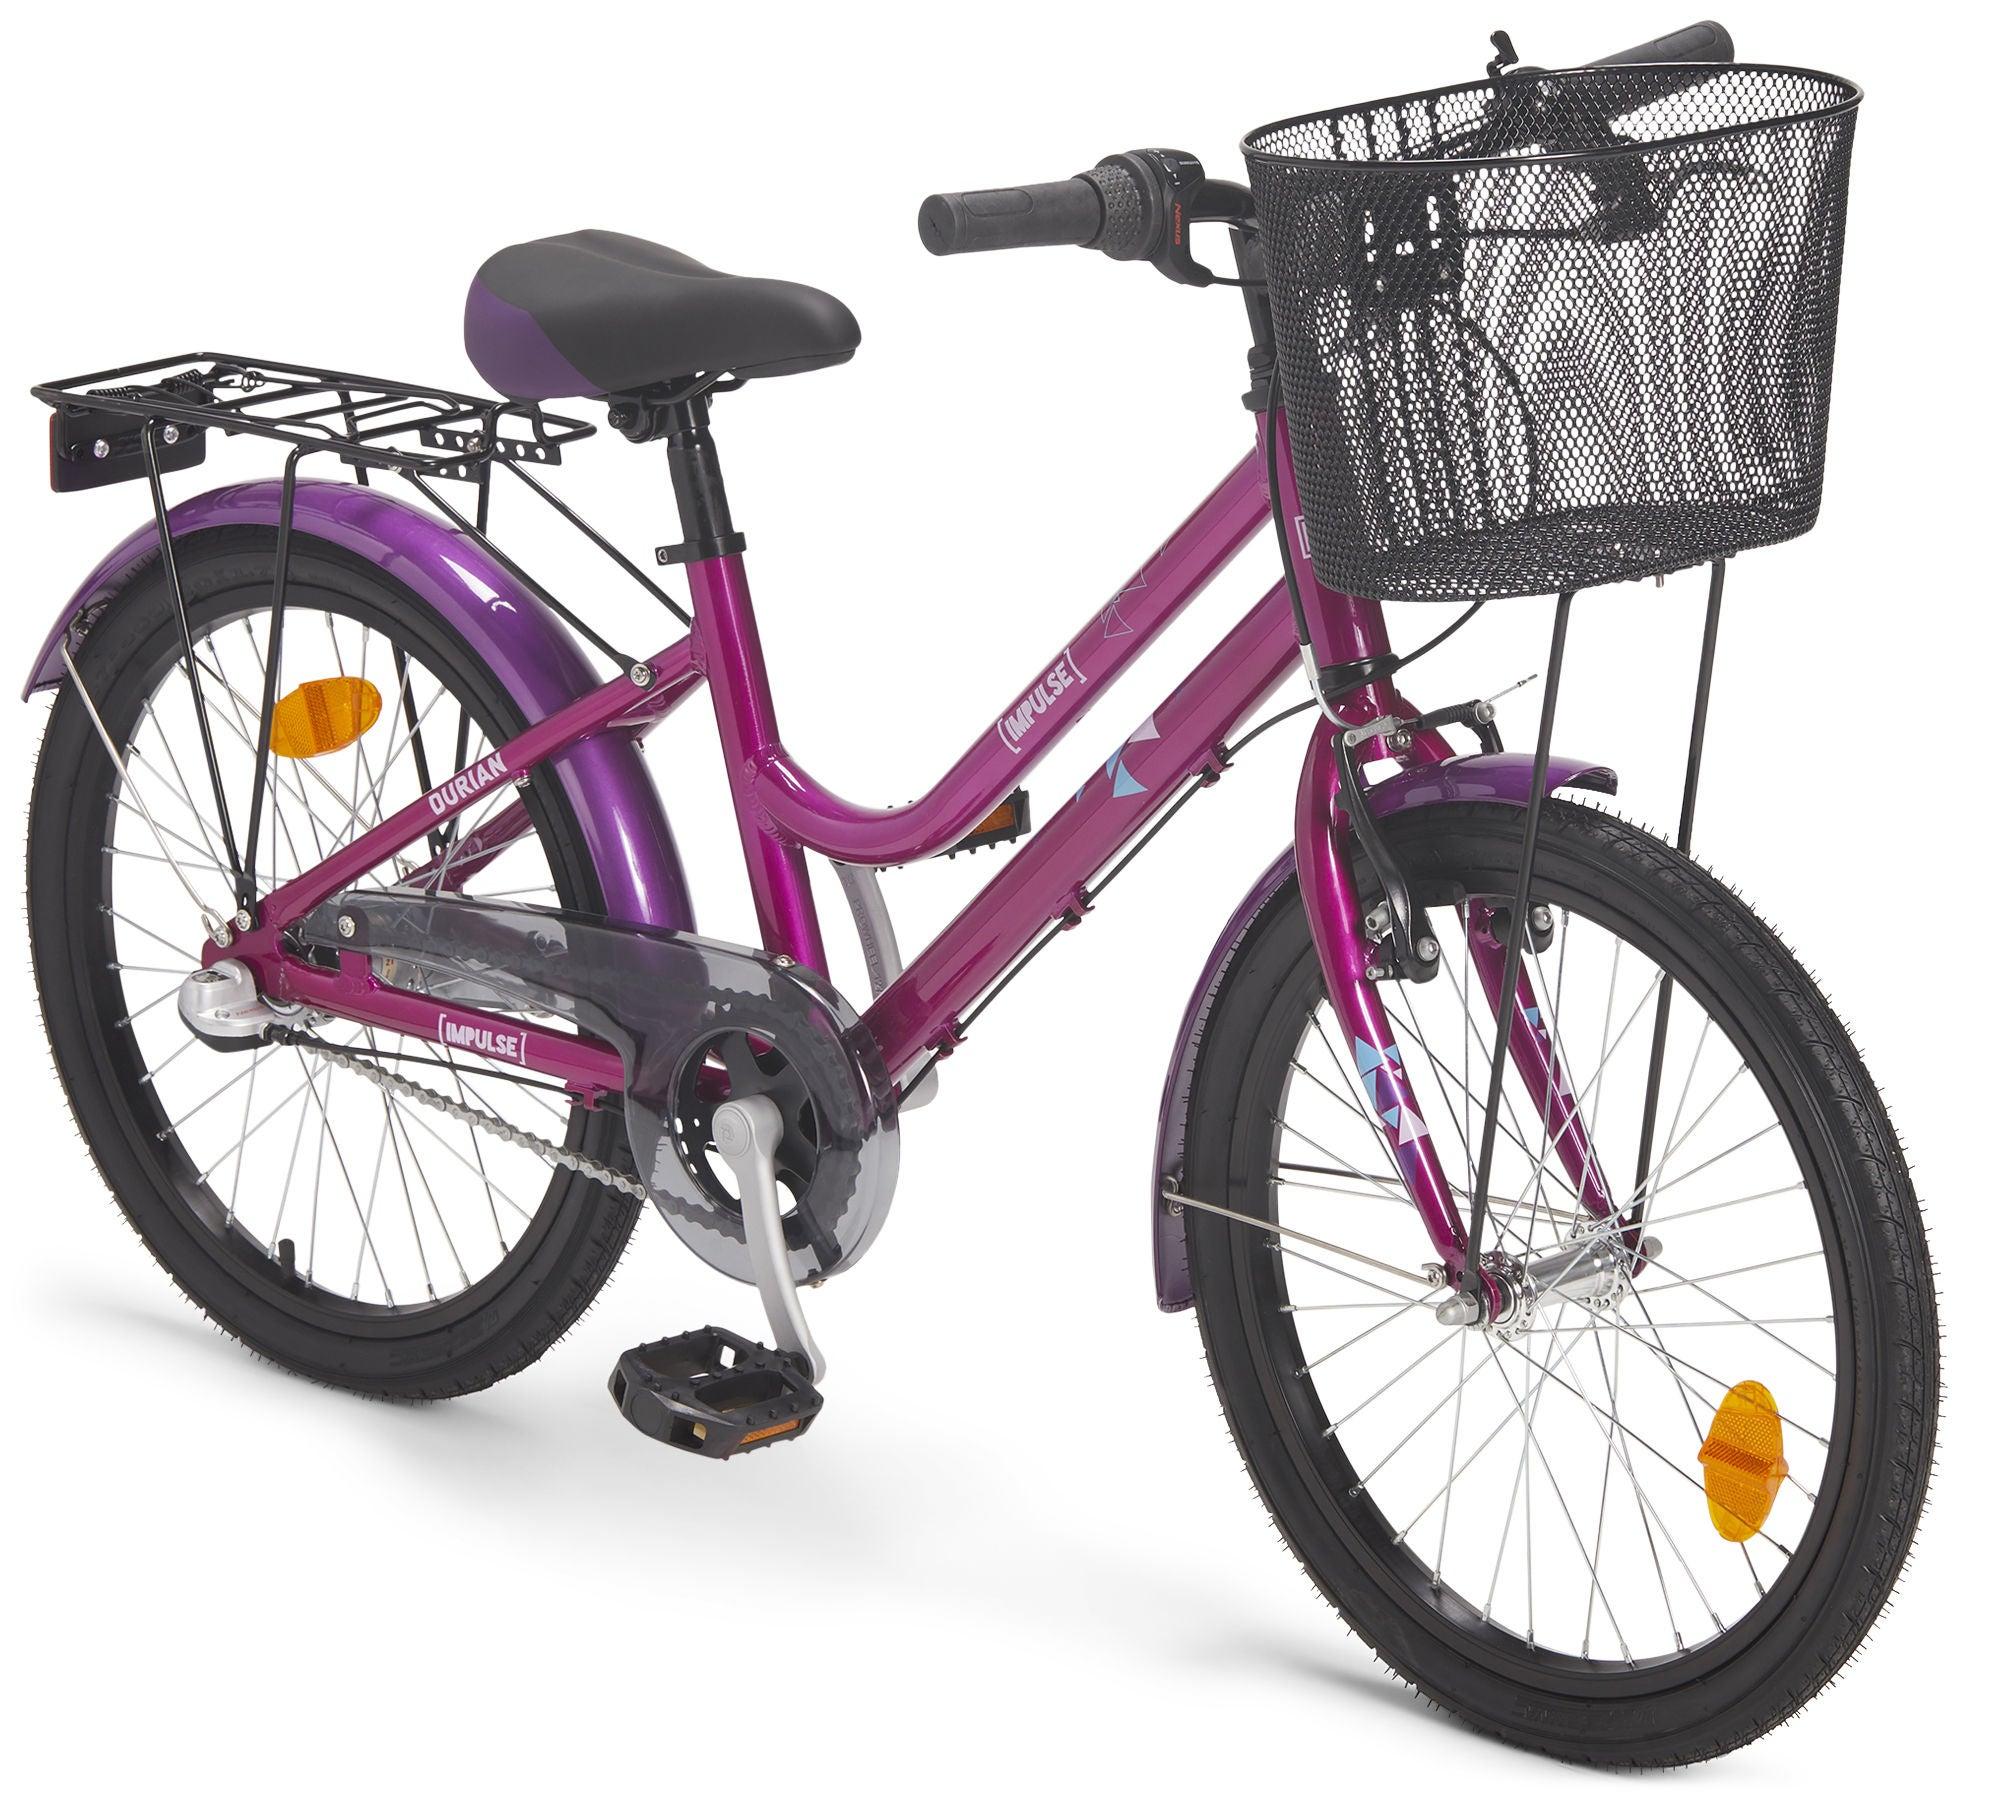 Impulse Premium Durian Juniorcykel 20 Tommer, Pink/Purple | City